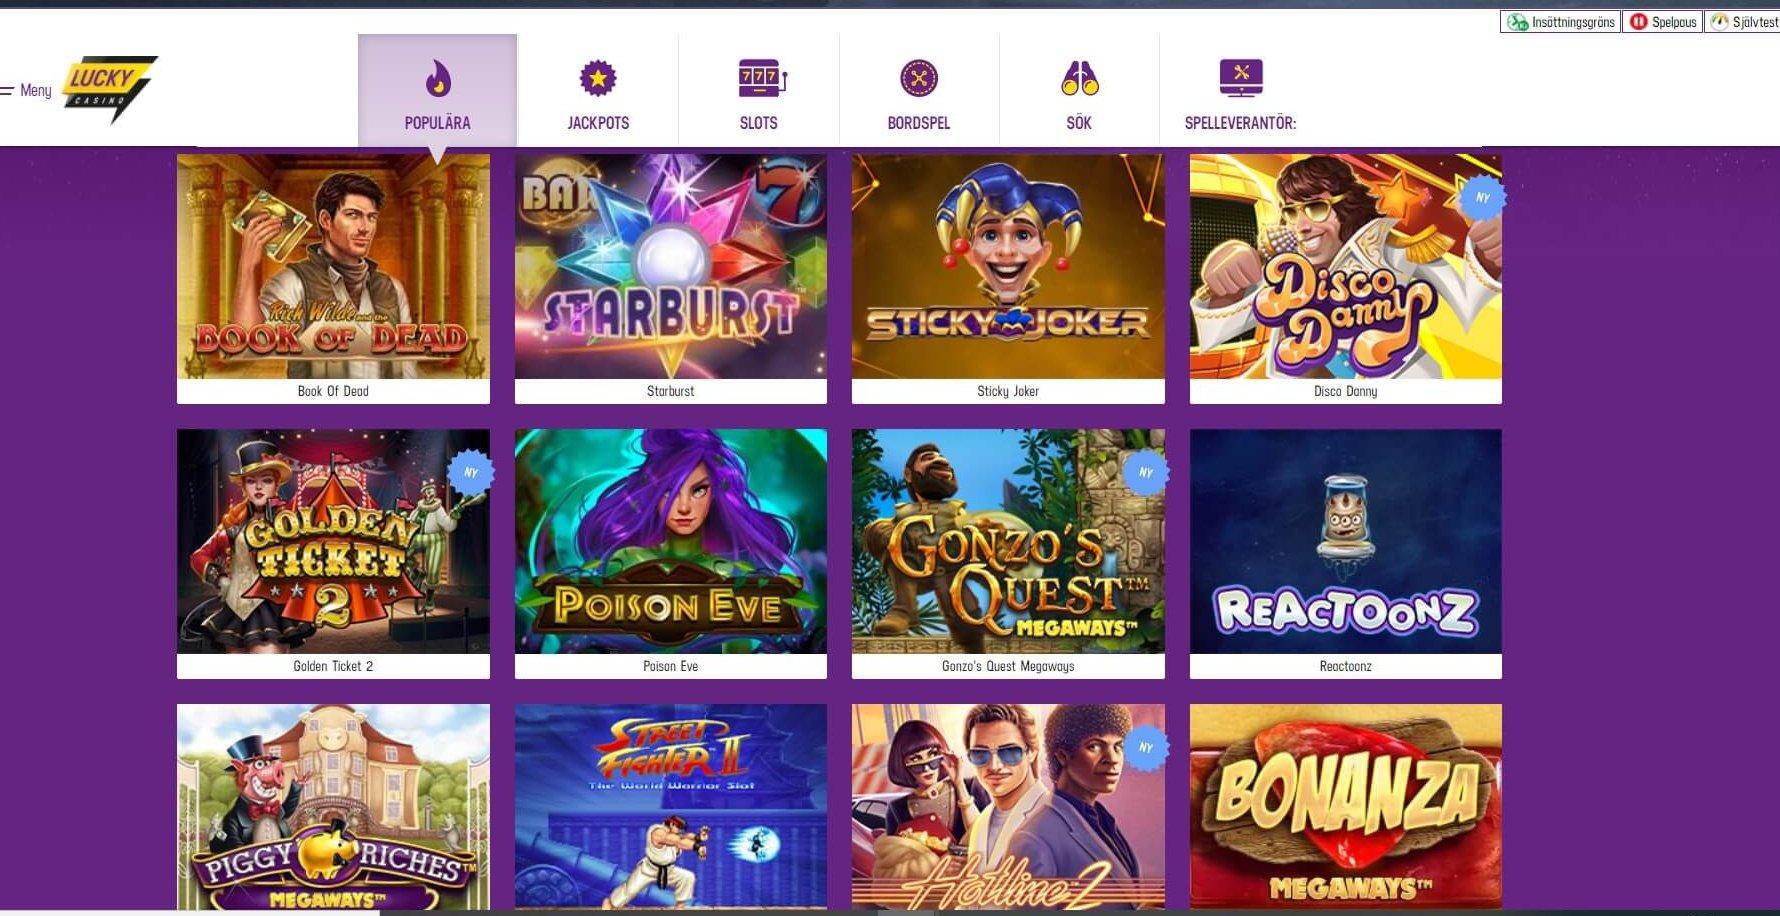 Samtliga spelkategorier är fullpackade med casinospel